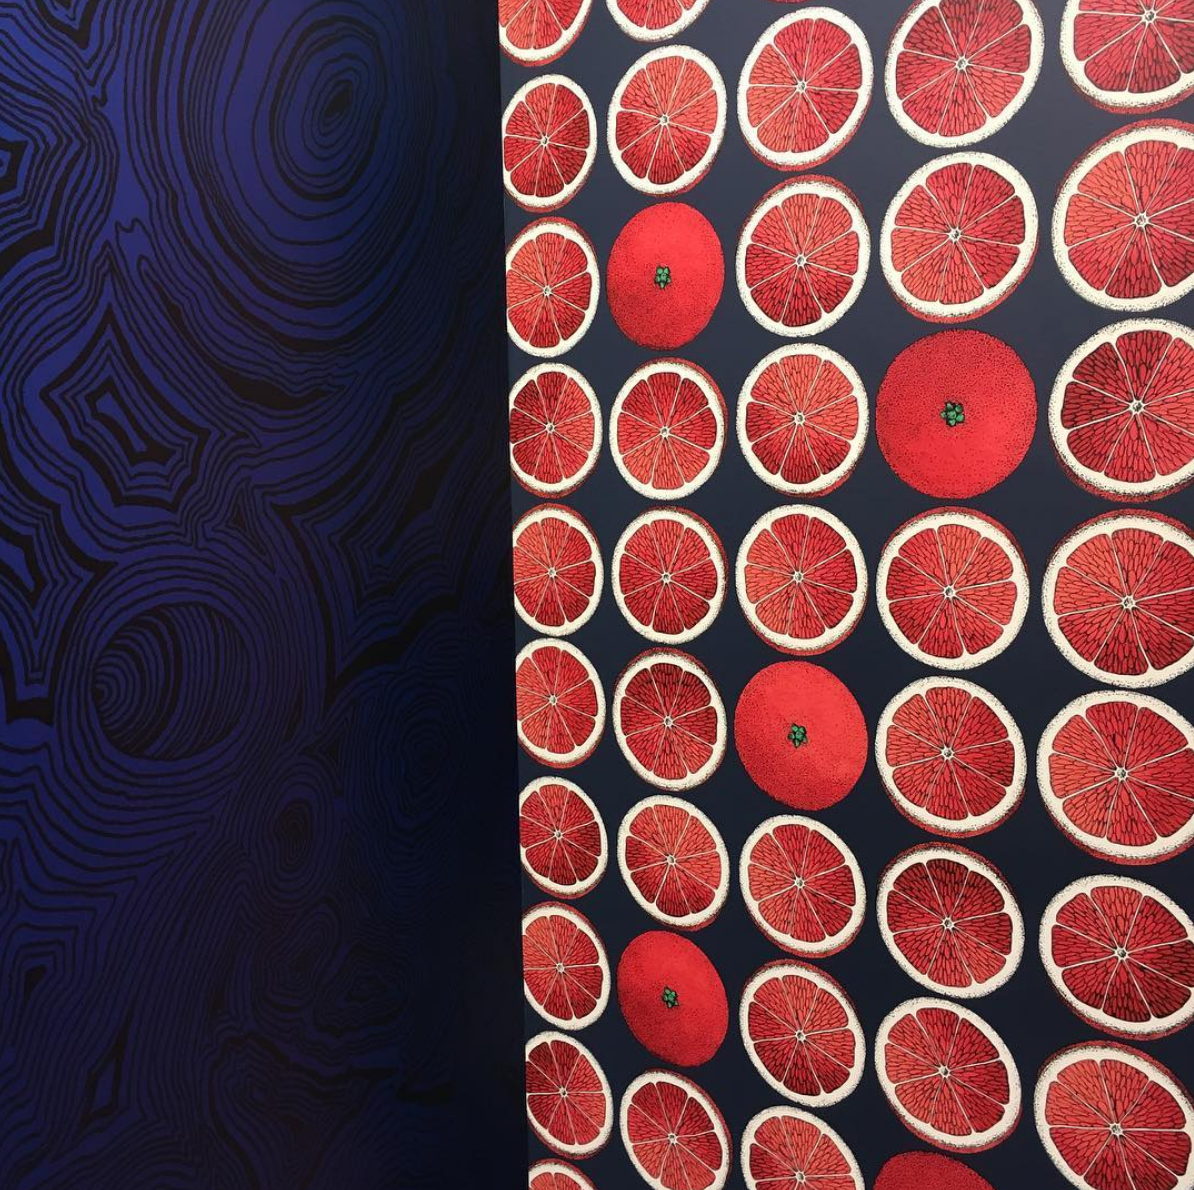 Papier peint Pierre frey. Visite showroom. Déco Off 2019 | Papier peint pierre frey, Papier ...